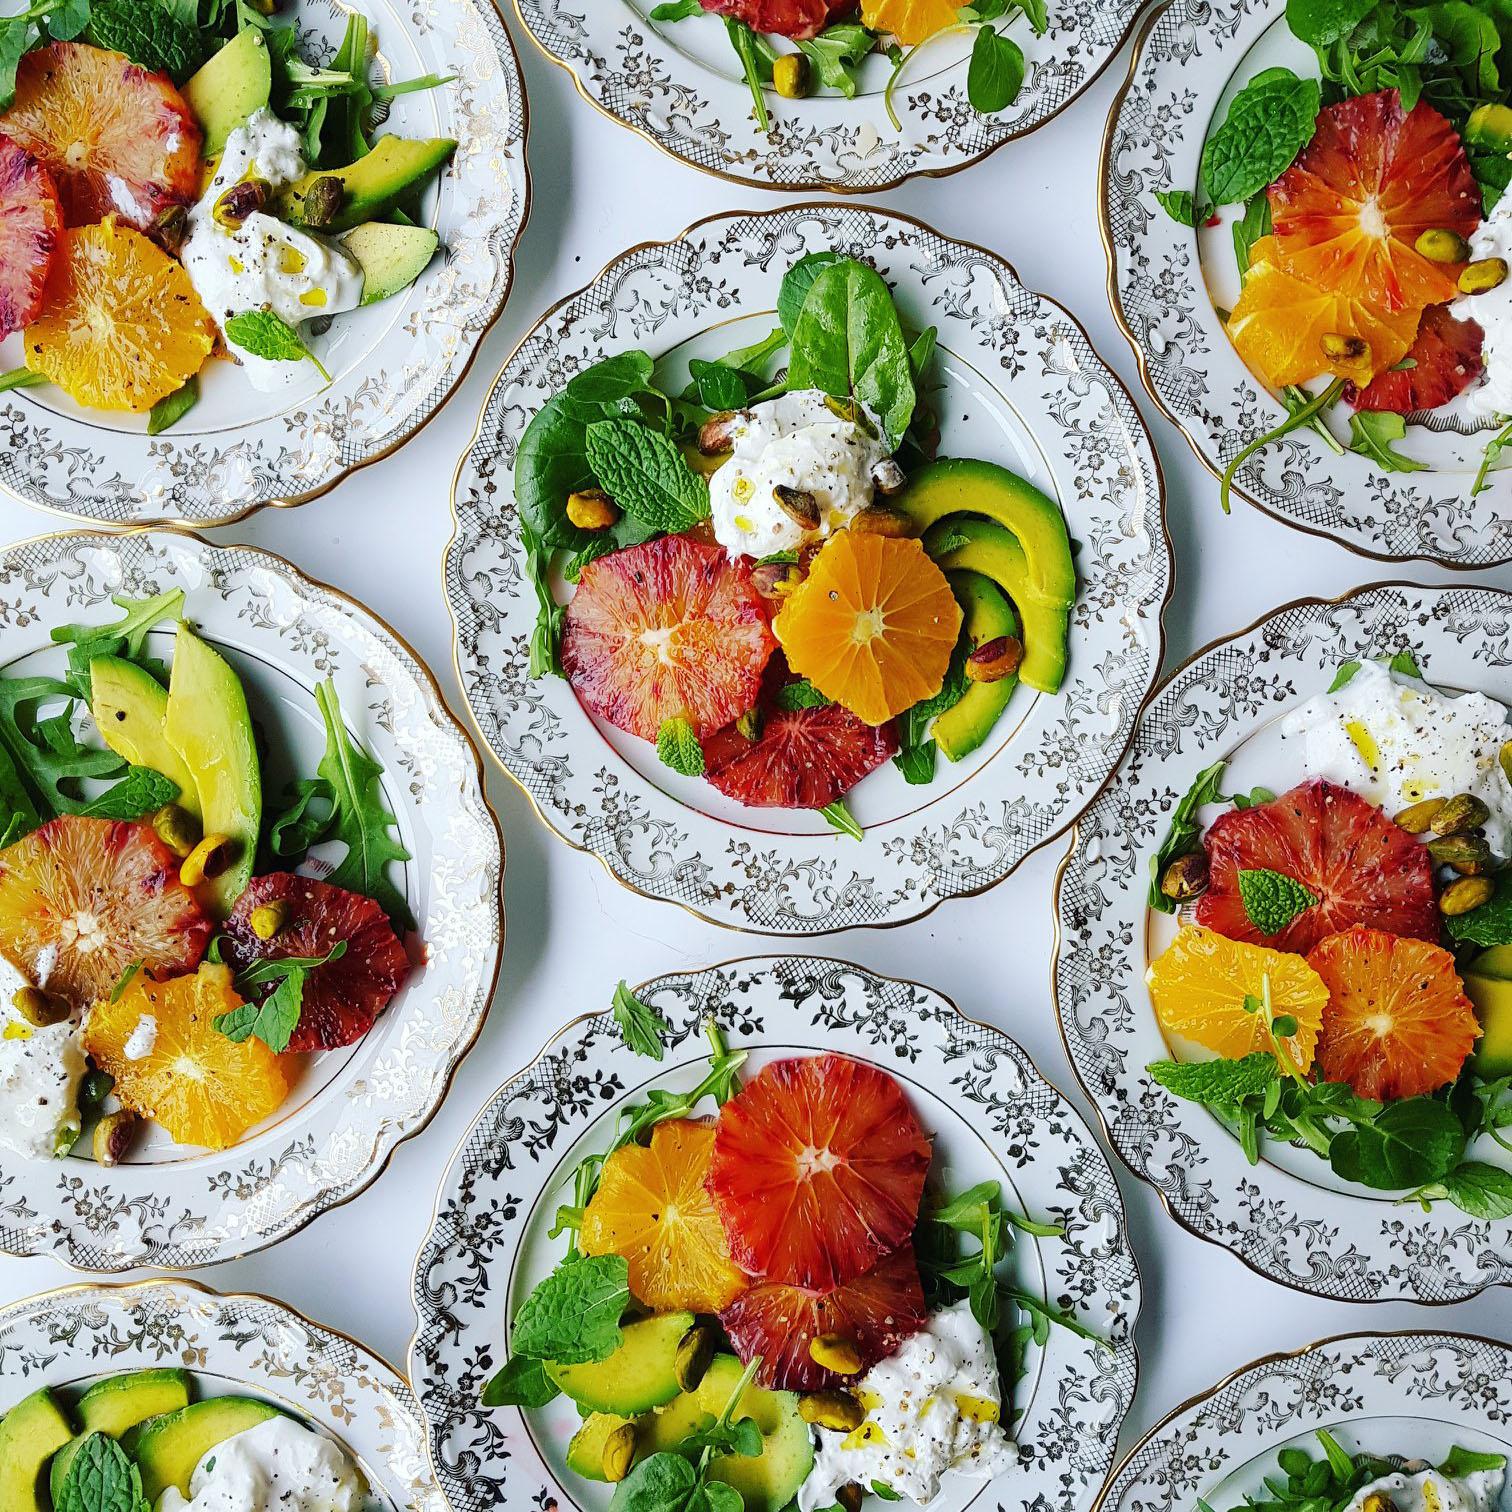 burrata-diner-lisaensophie-catering-denhaag